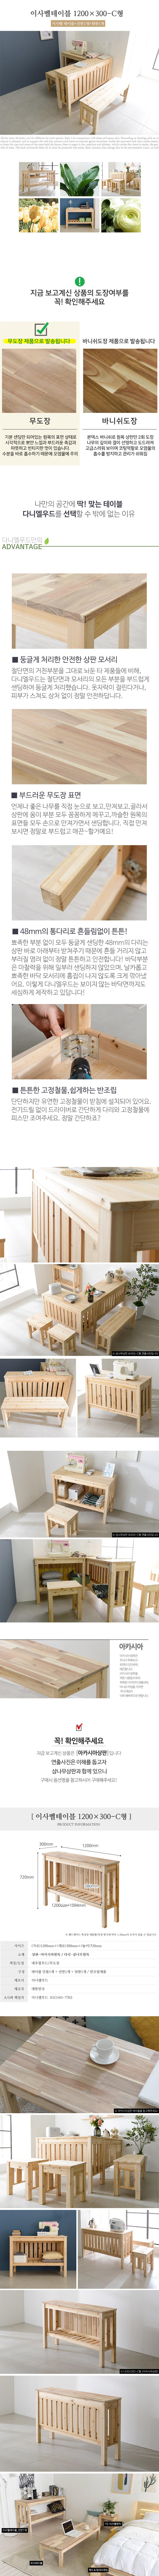 홈바 테이블 주방 수납 아카시아 이사벨테이블 1200X300-C형 - 다니엘우드, 160,000원, 거실 테이블, 소파테이블